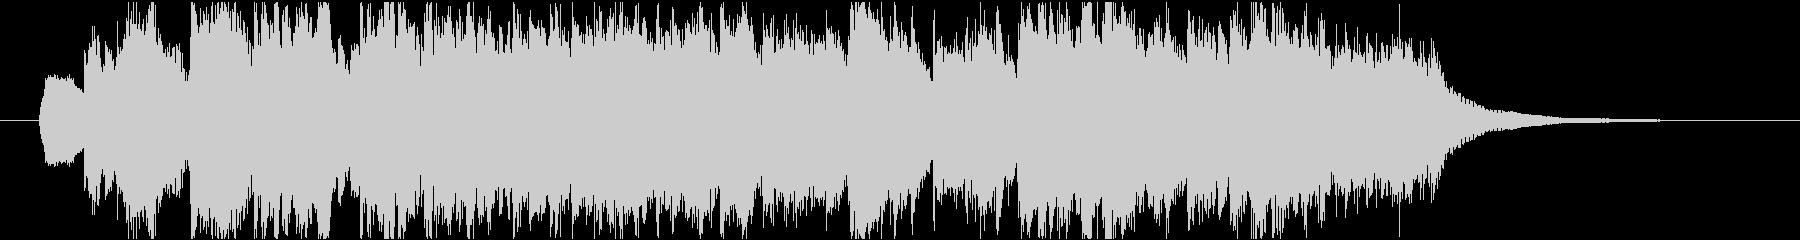 シンセストリングスのポップなジングルの未再生の波形